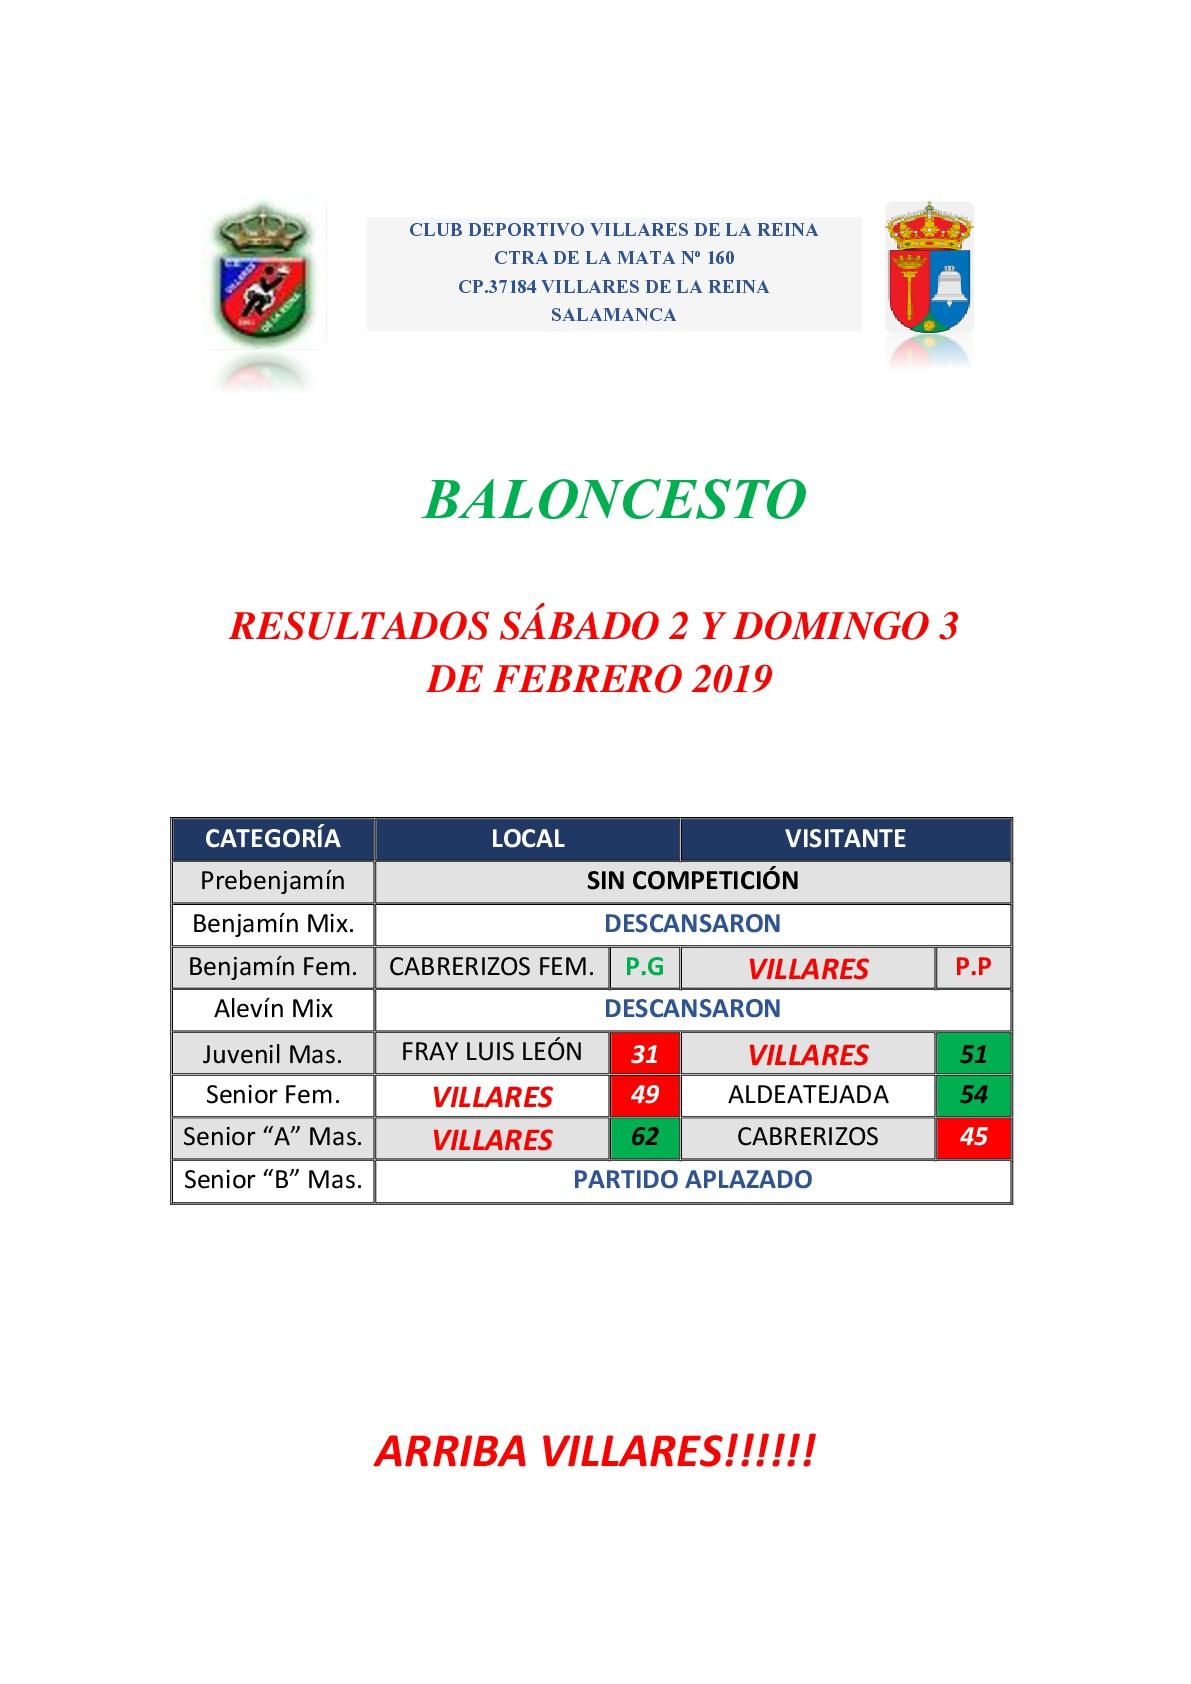 RESULTADOS DE BALONCESTO S�BADO 2 Y DOMINGO 3 DE FEBRERO